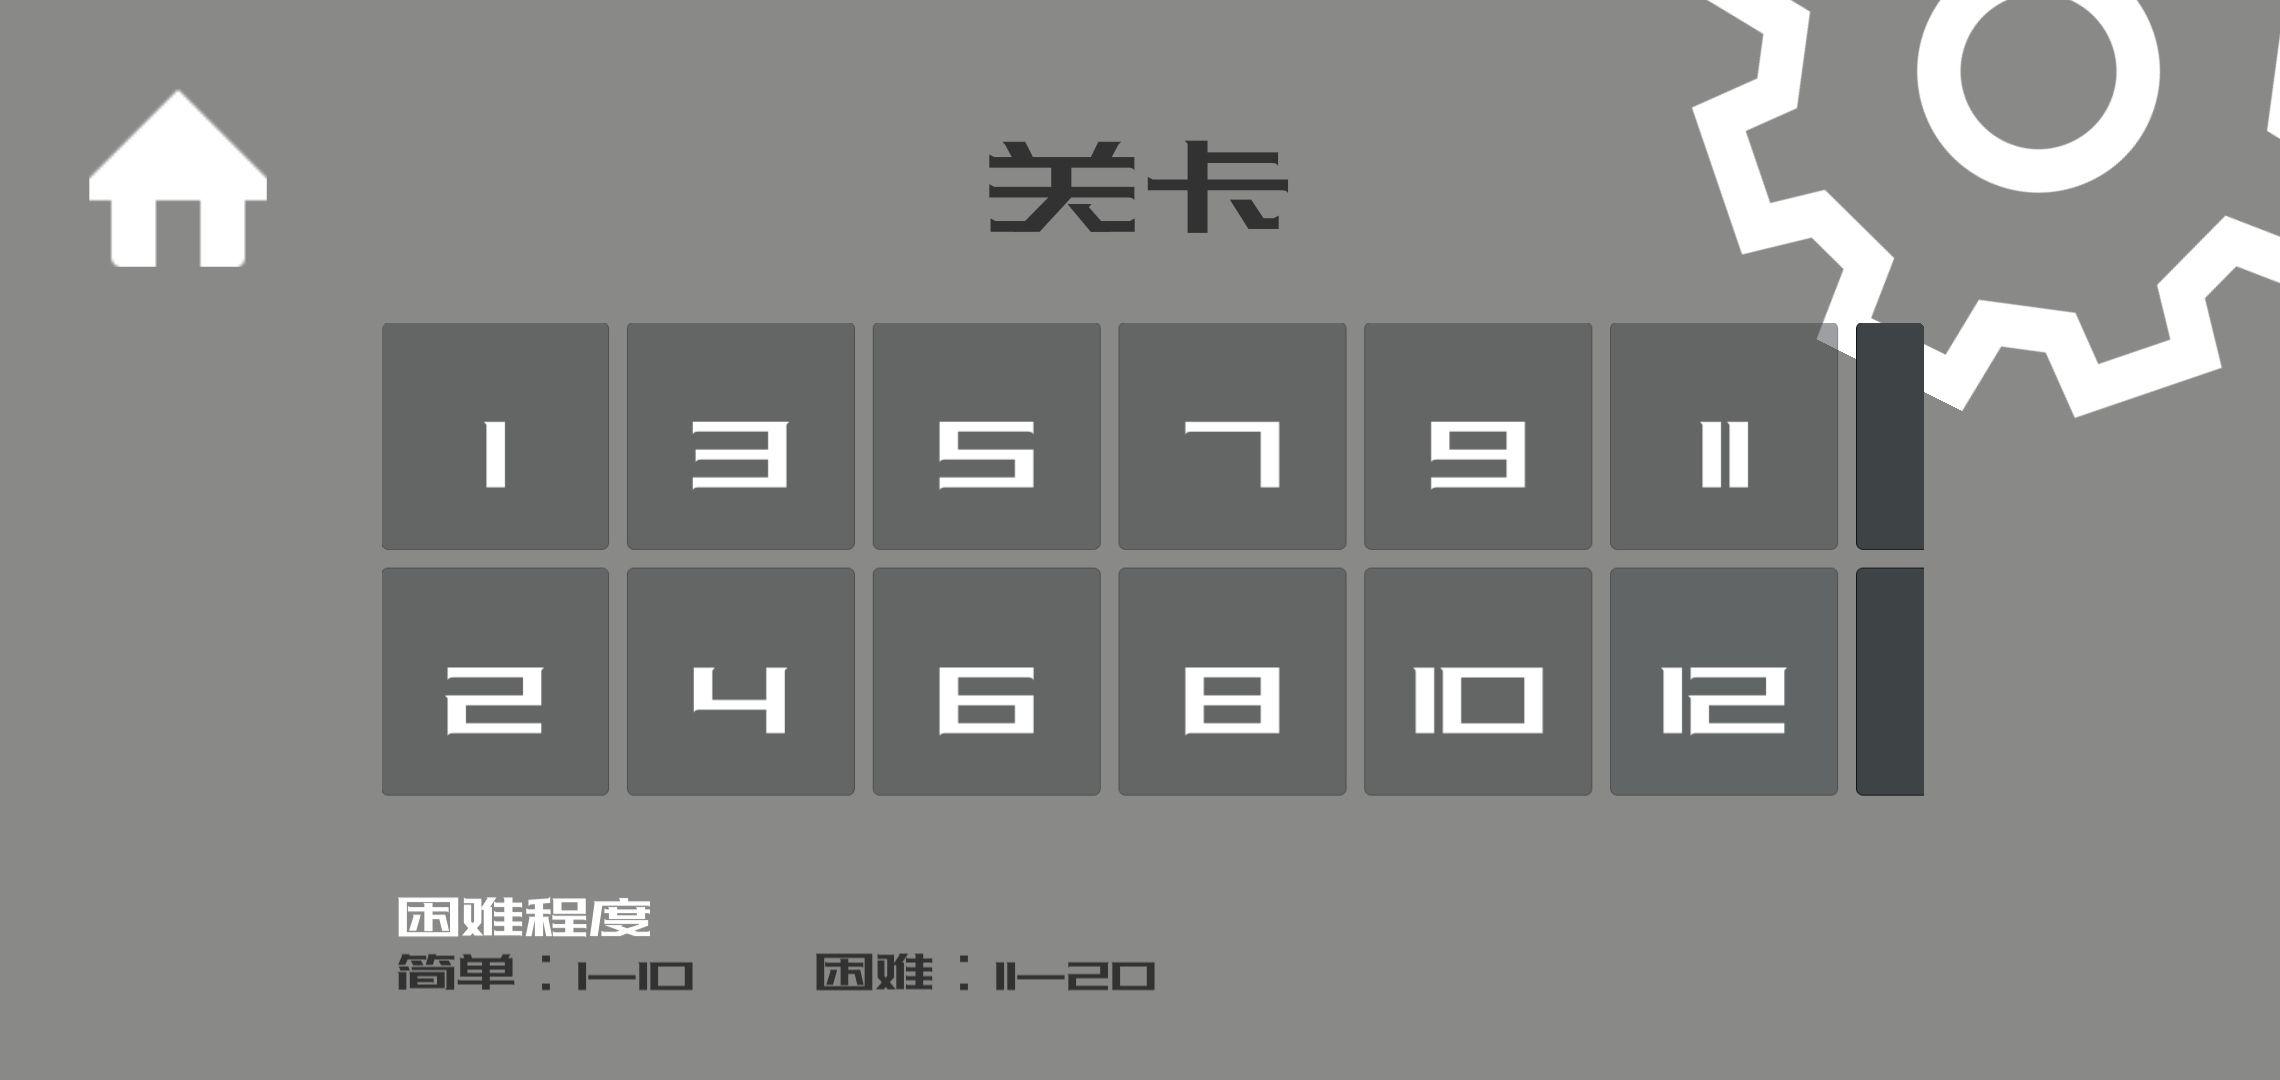 走进你心里游戏1.0测试版截图3